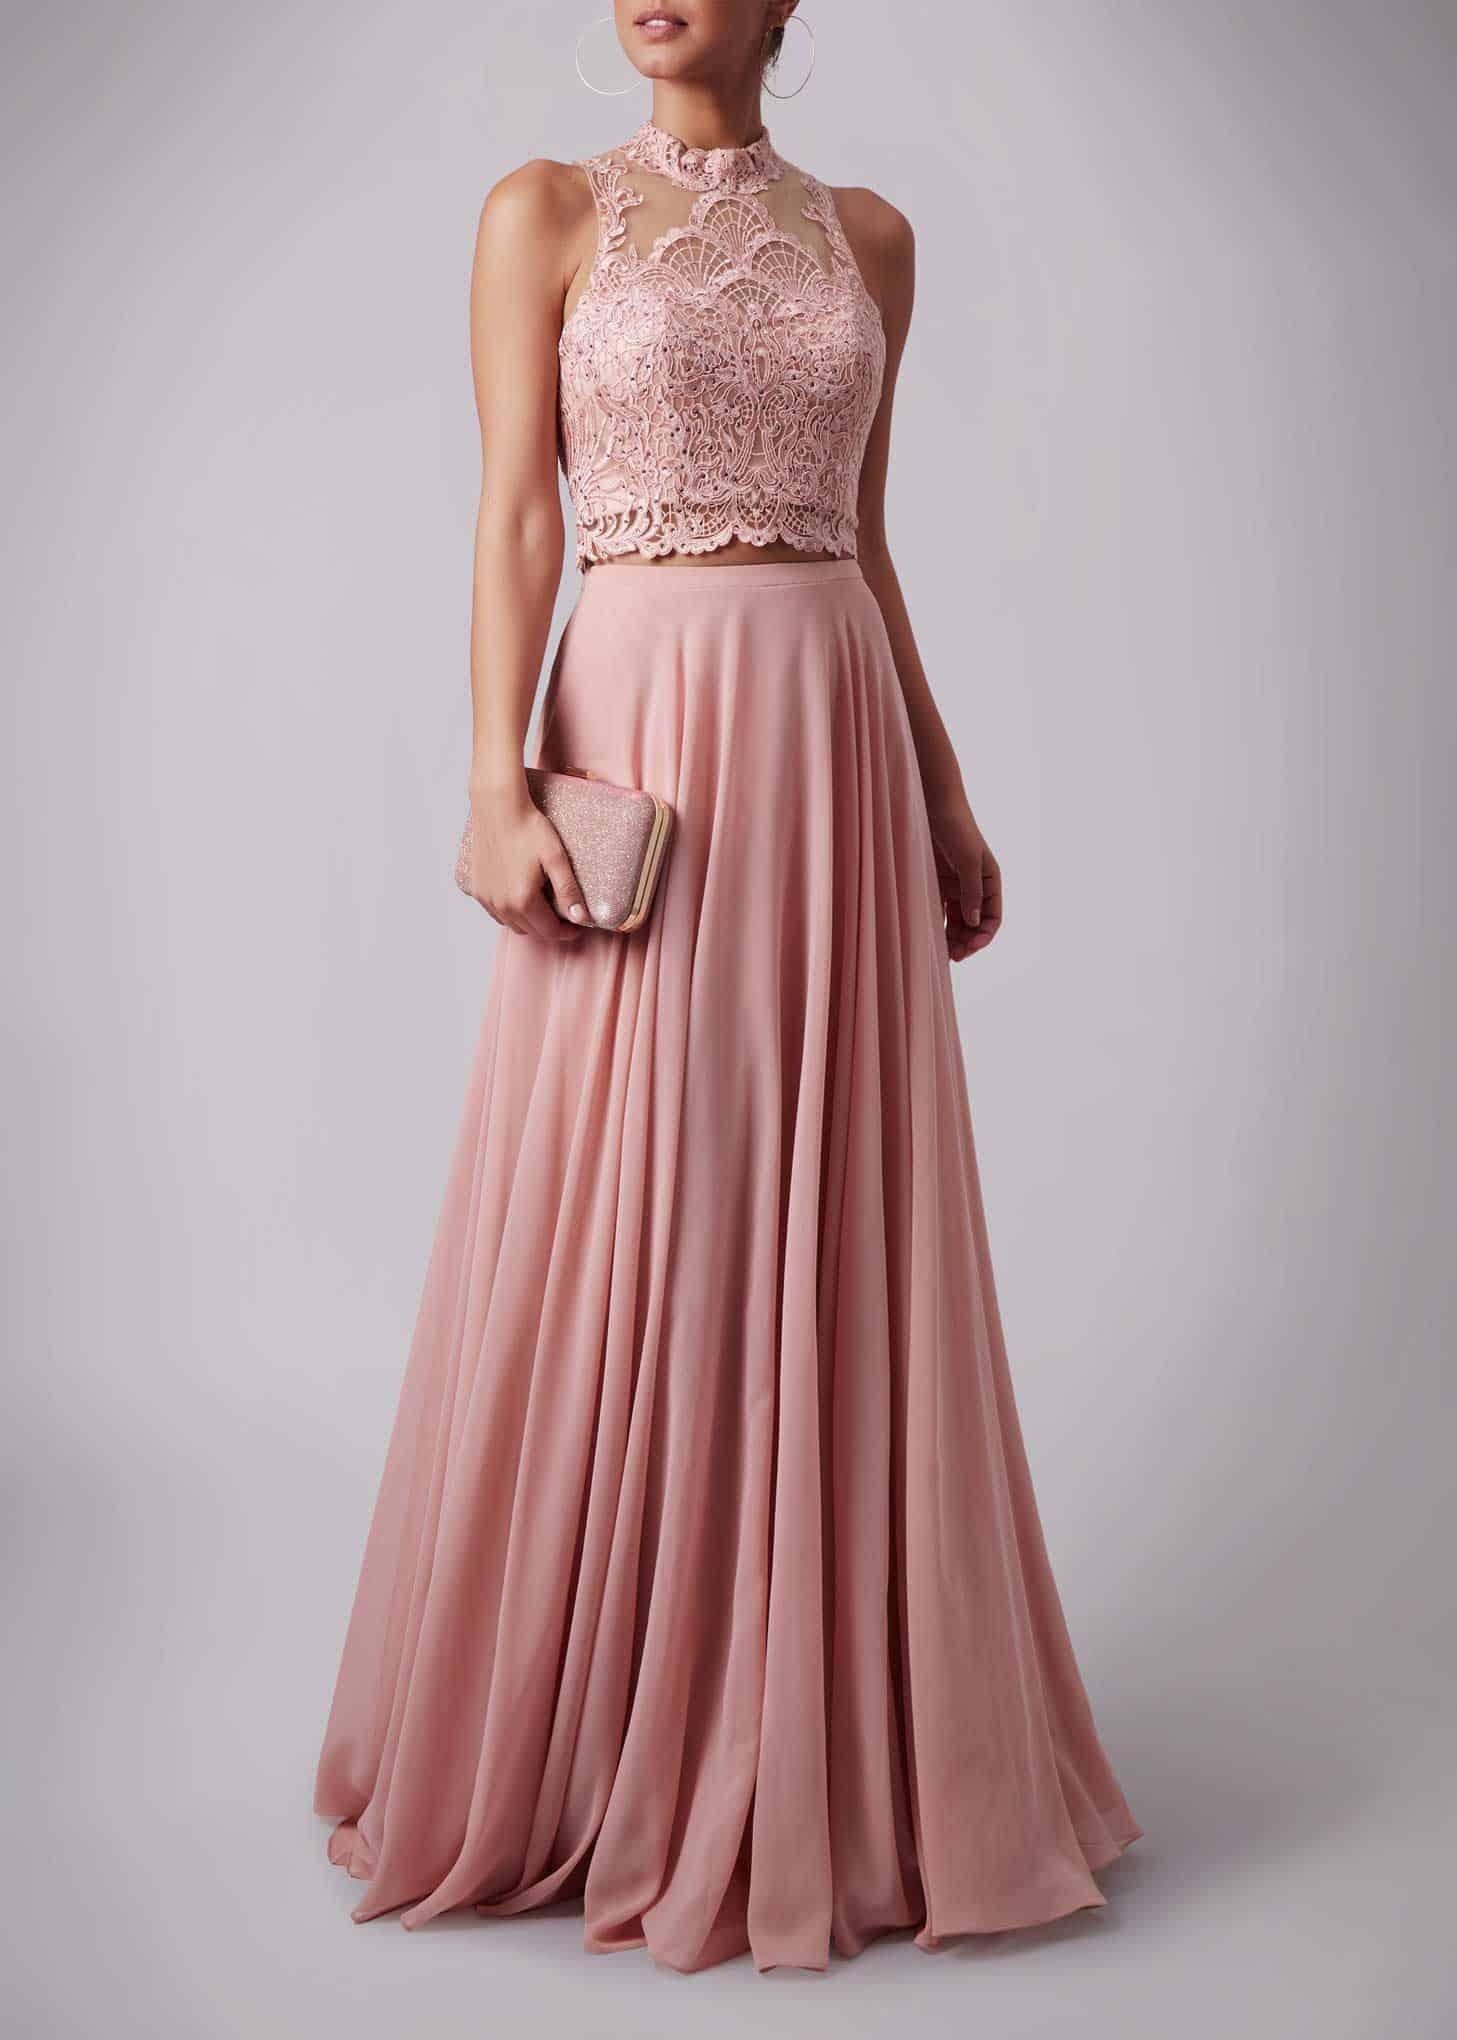 Erstaunlich Abendkleid Mit Spitze VertriebFormal Fantastisch Abendkleid Mit Spitze Spezialgebiet